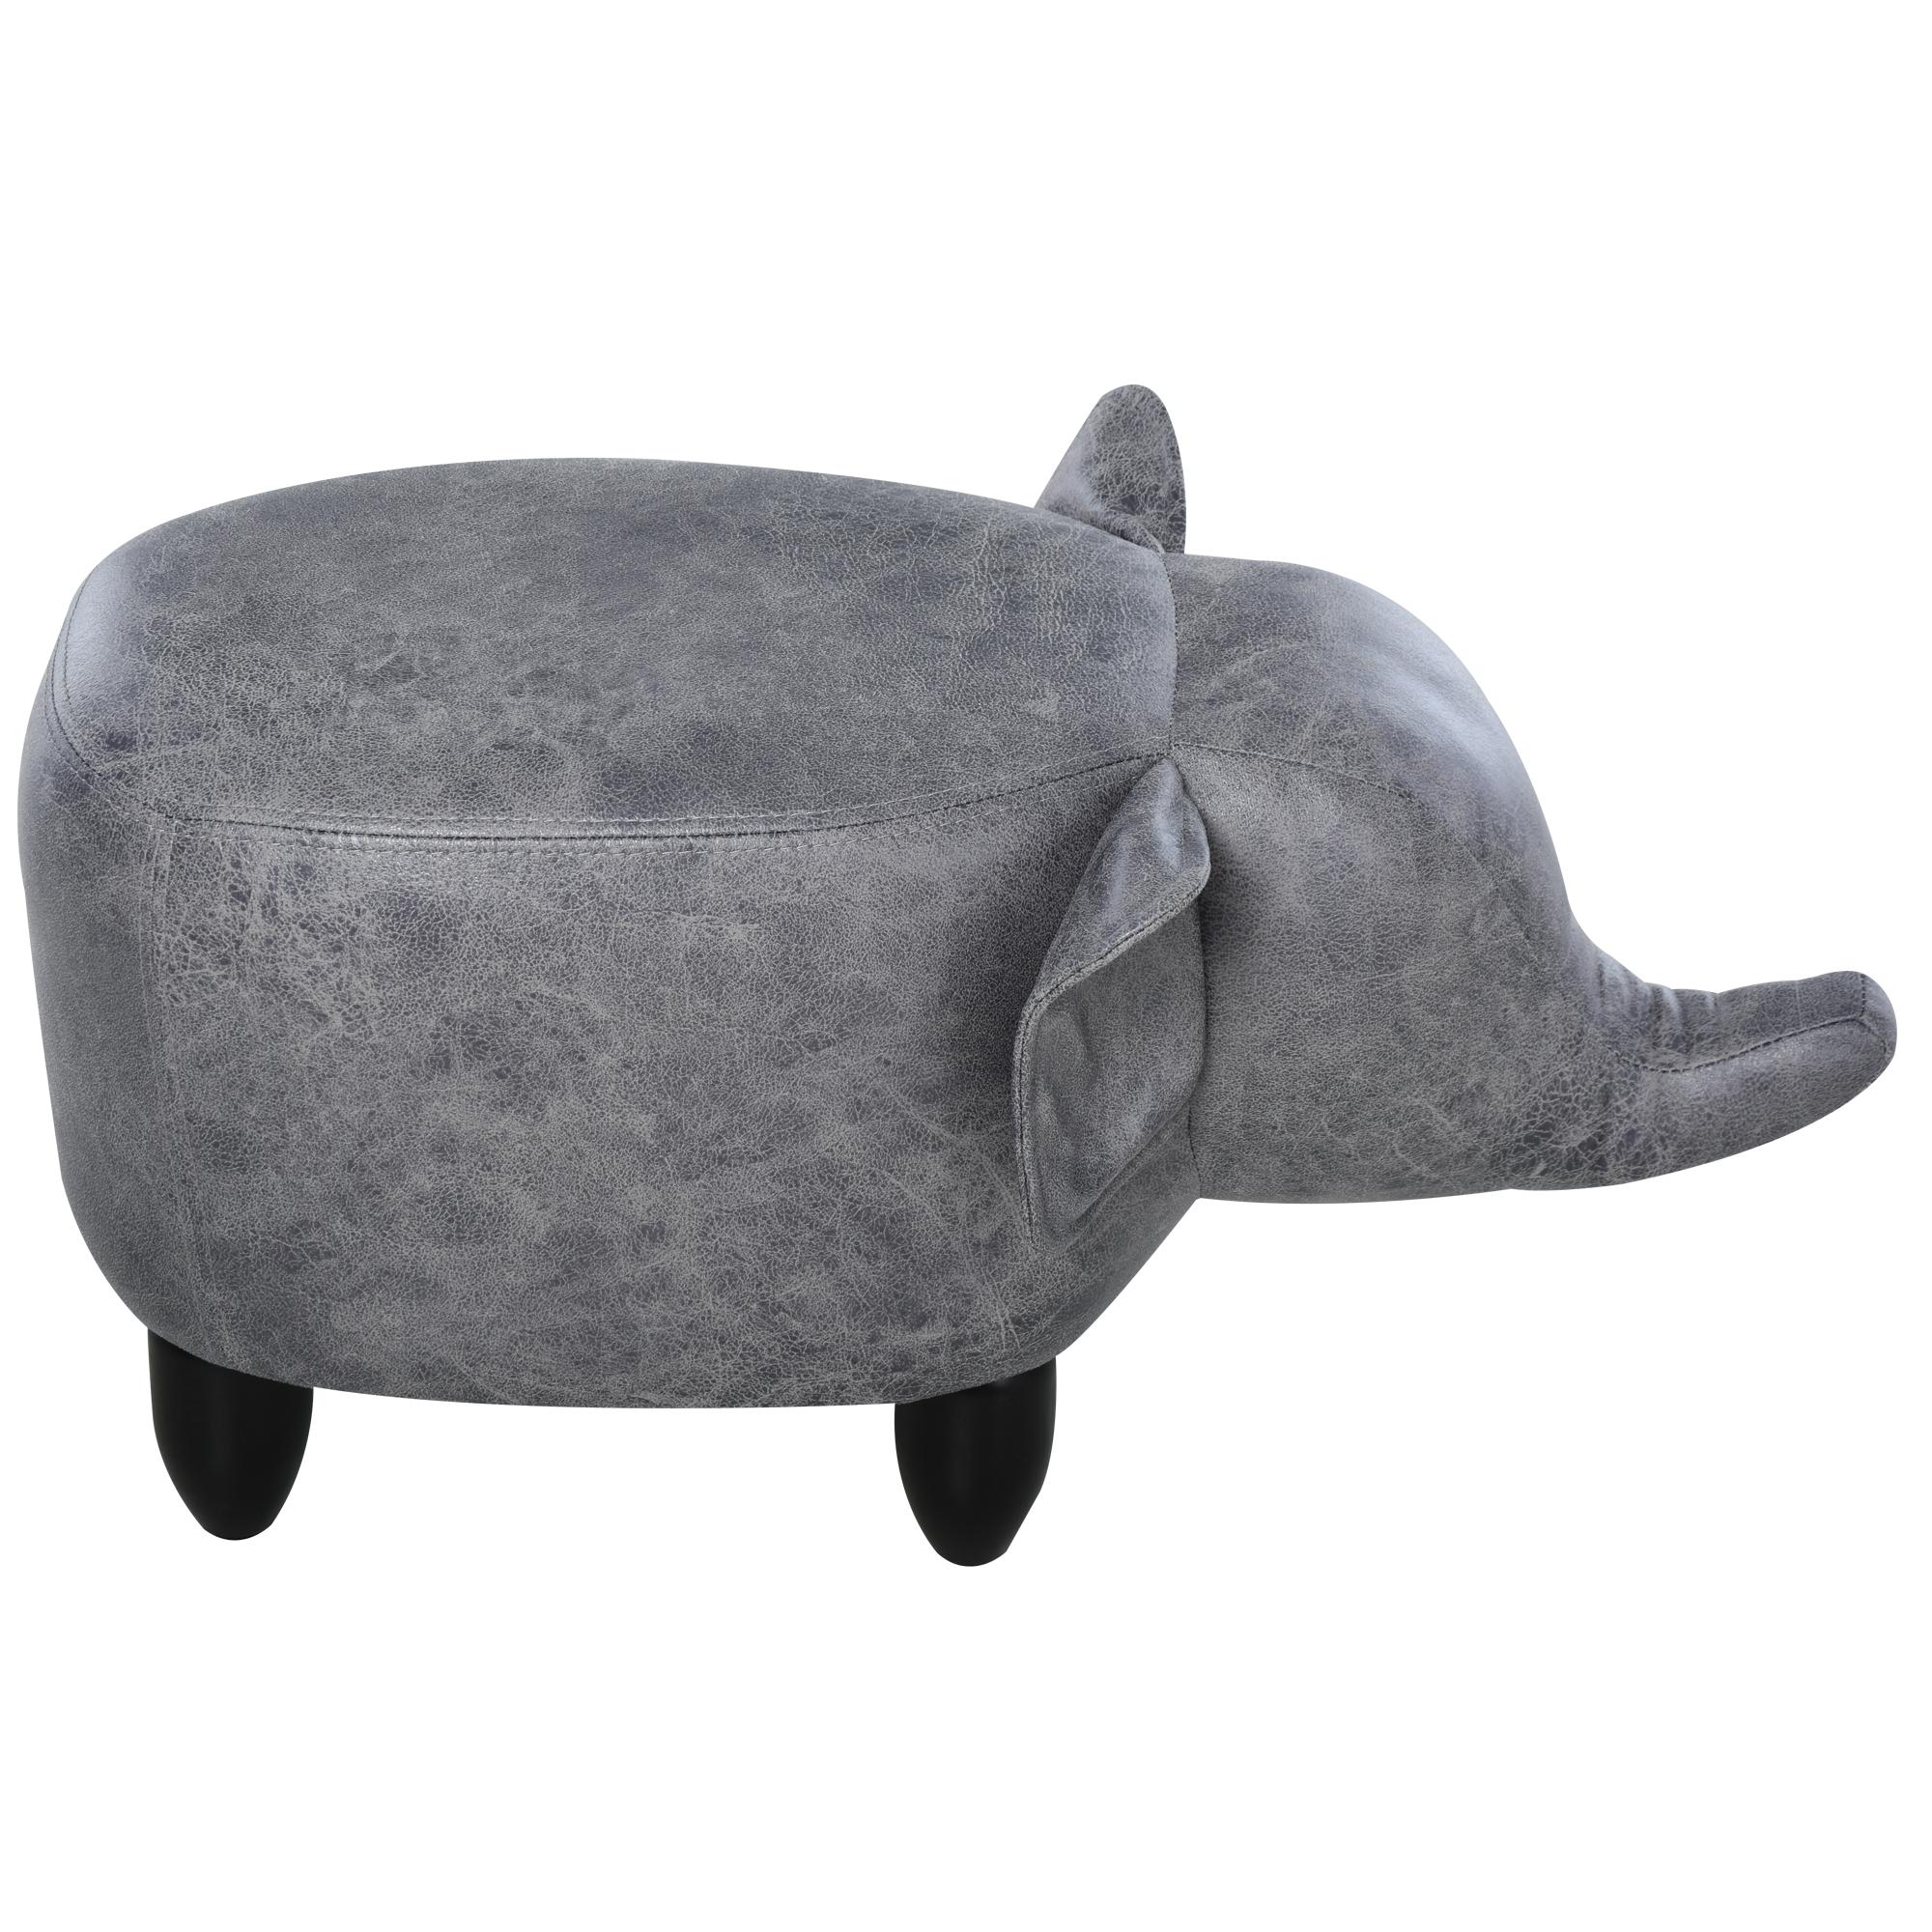 homcom Pouf Poggiapiedi a Forma di Elefante con Gambe in Legno e Rivestimento in Similpelle Grigia 65x35x36cm